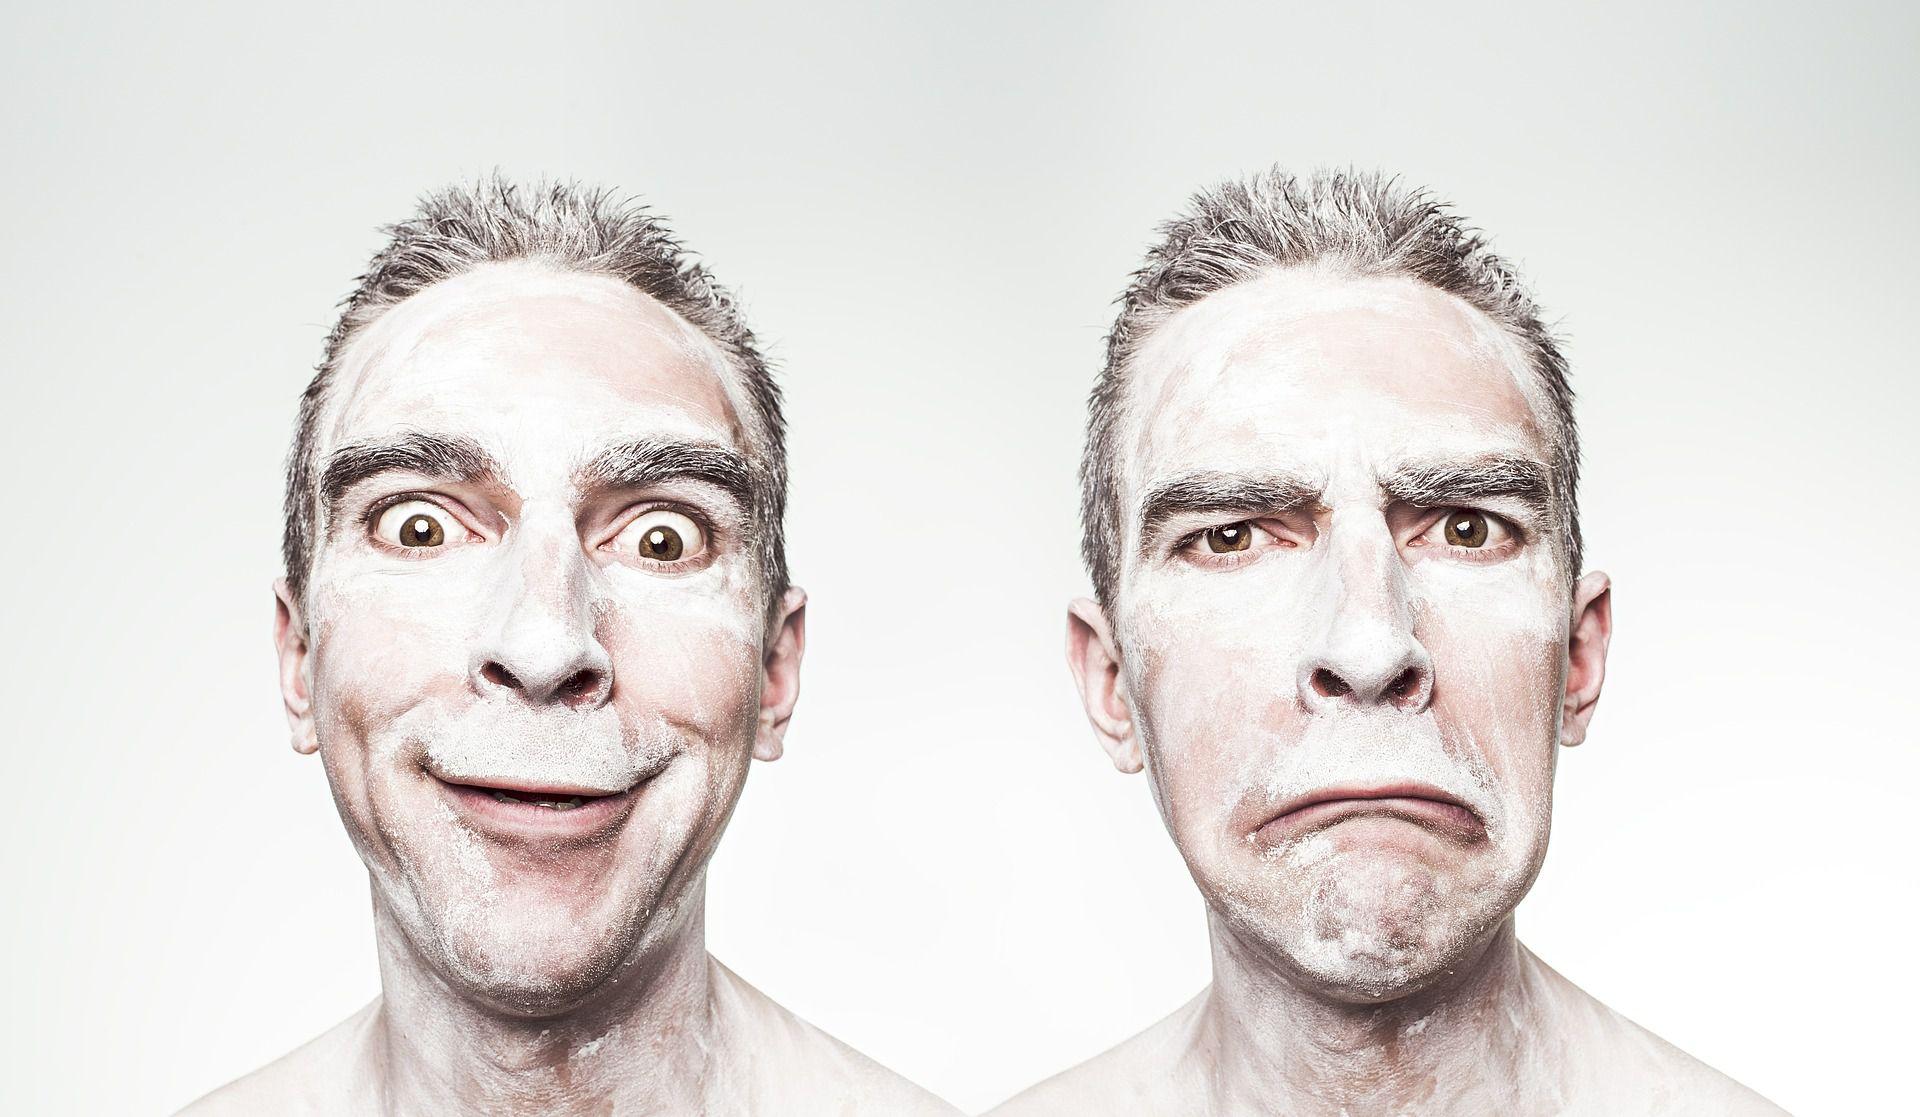 reconocimiento-facial-burlado:-la-tecnologia-no-identifica-rostros-maquillados